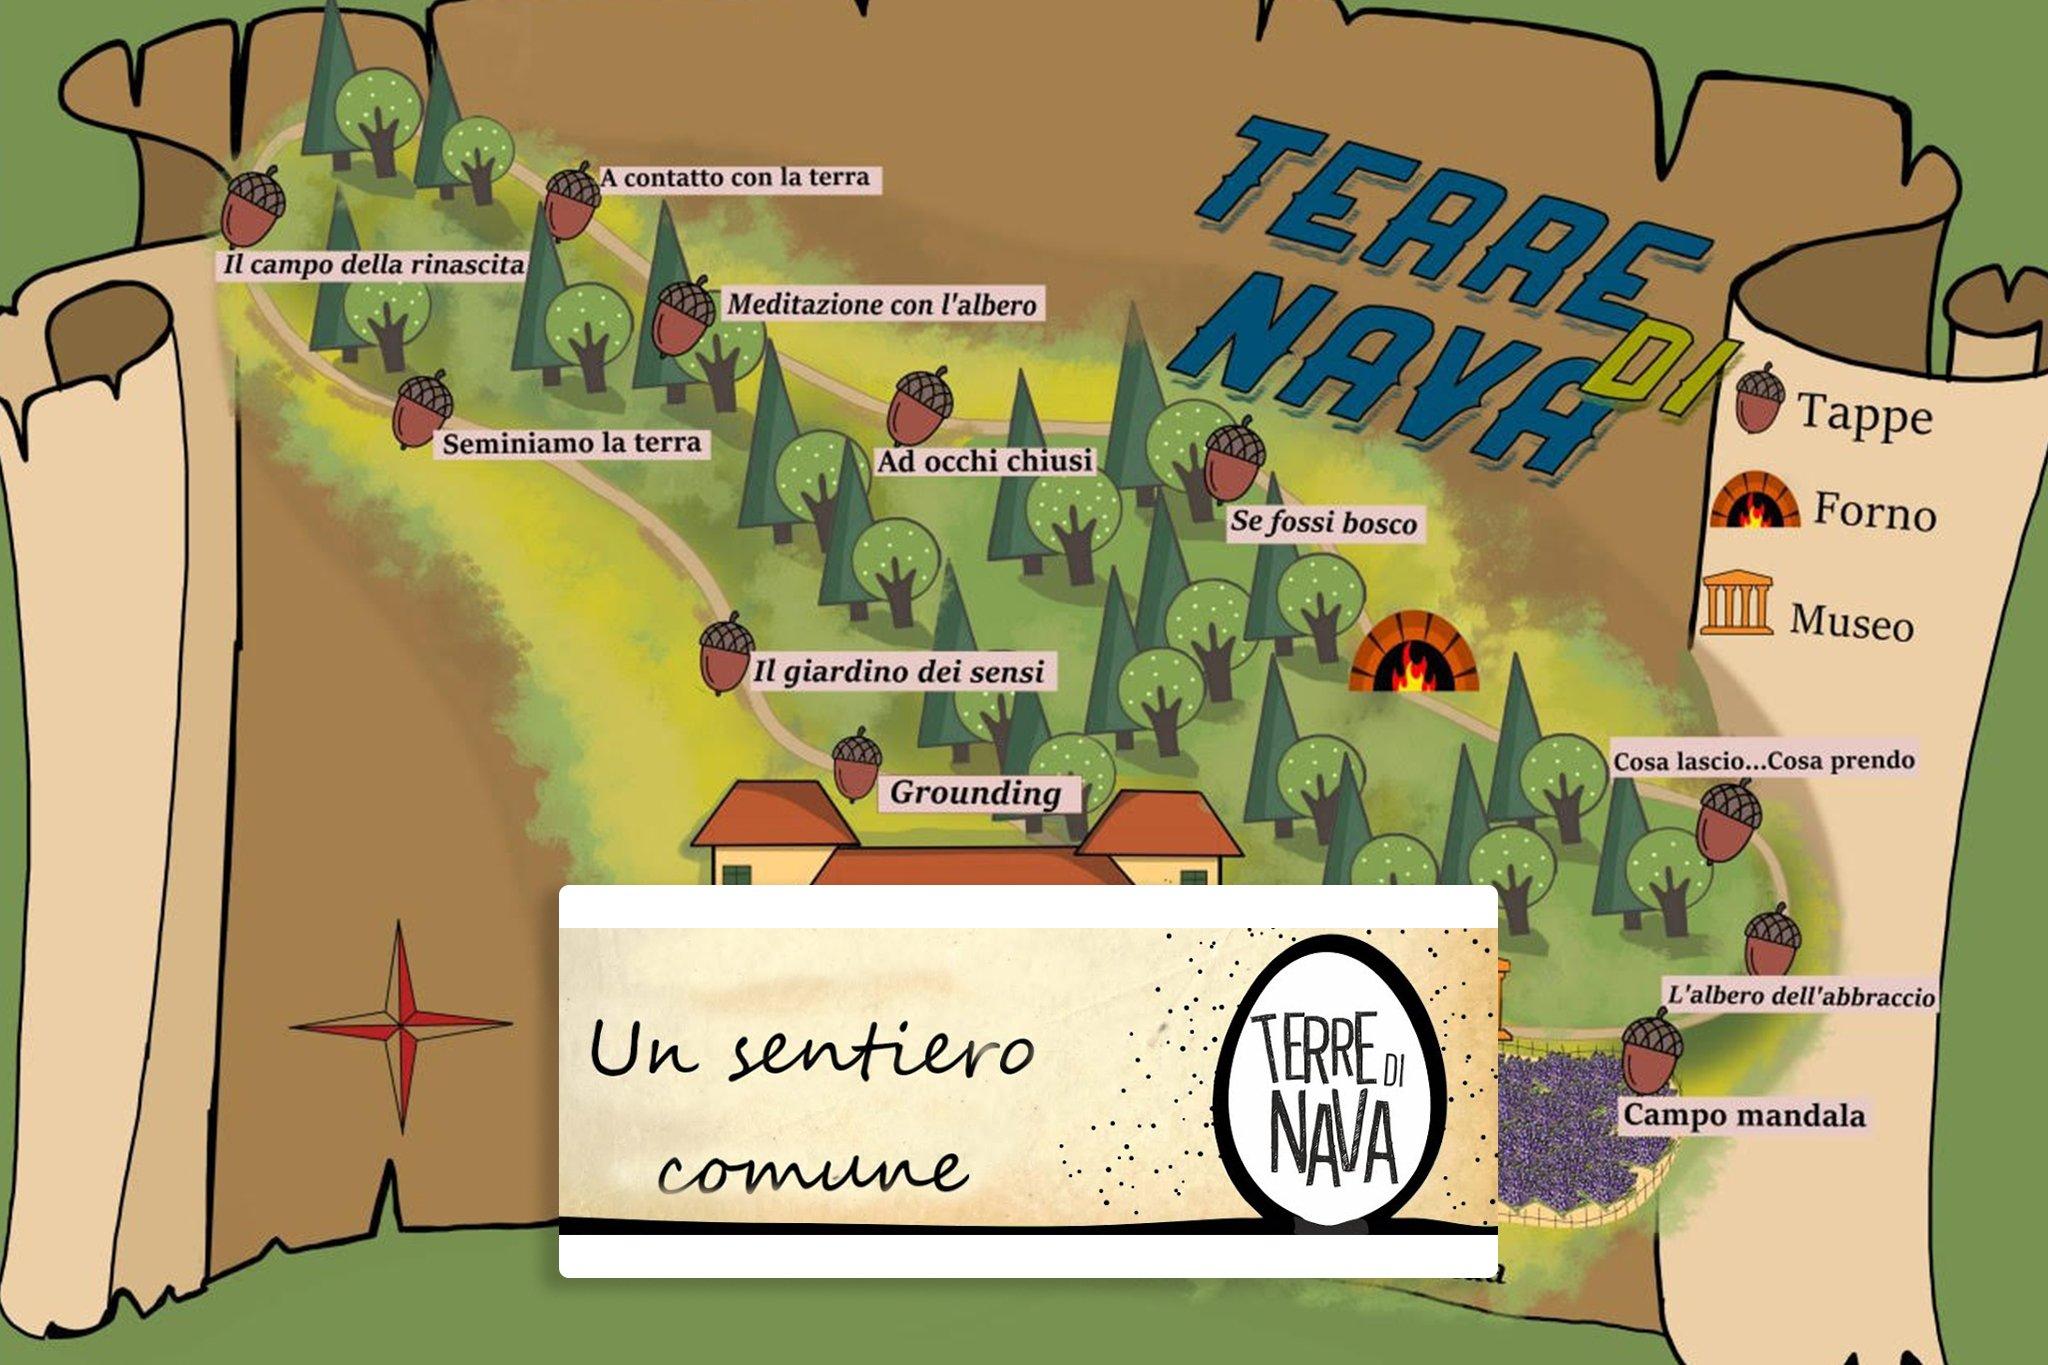 Turismo sostenibile in Liguria Ponente visitare Savona